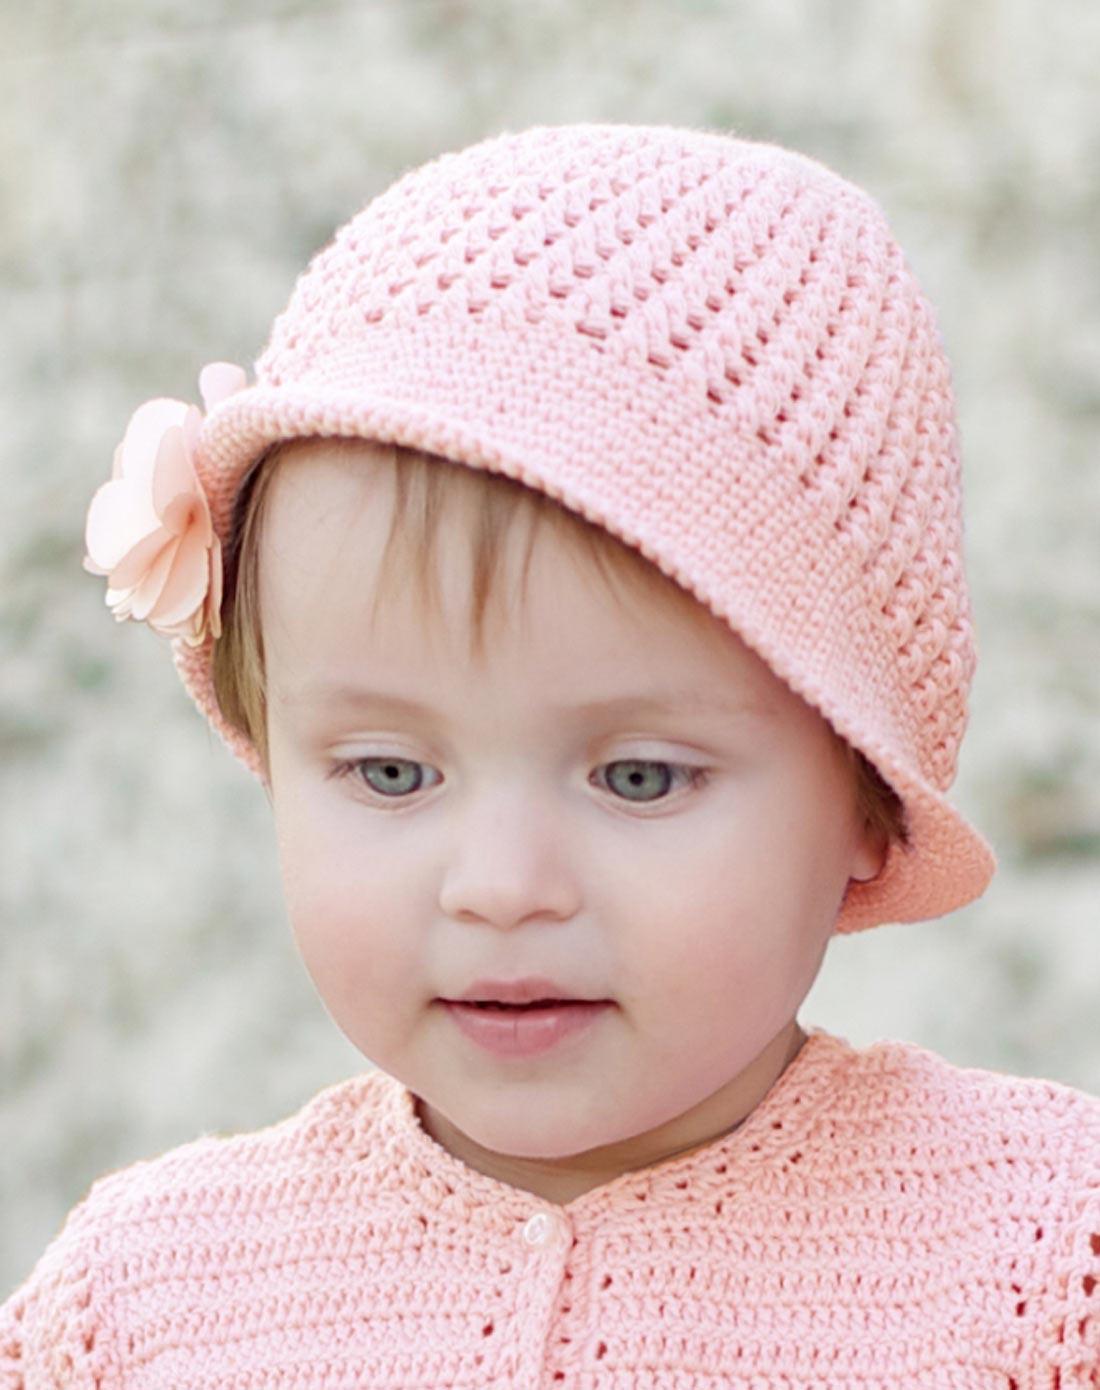 宝宝 壁纸 儿童 孩子 帽子 小孩 婴儿 1100_1390 竖版 竖屏 手机